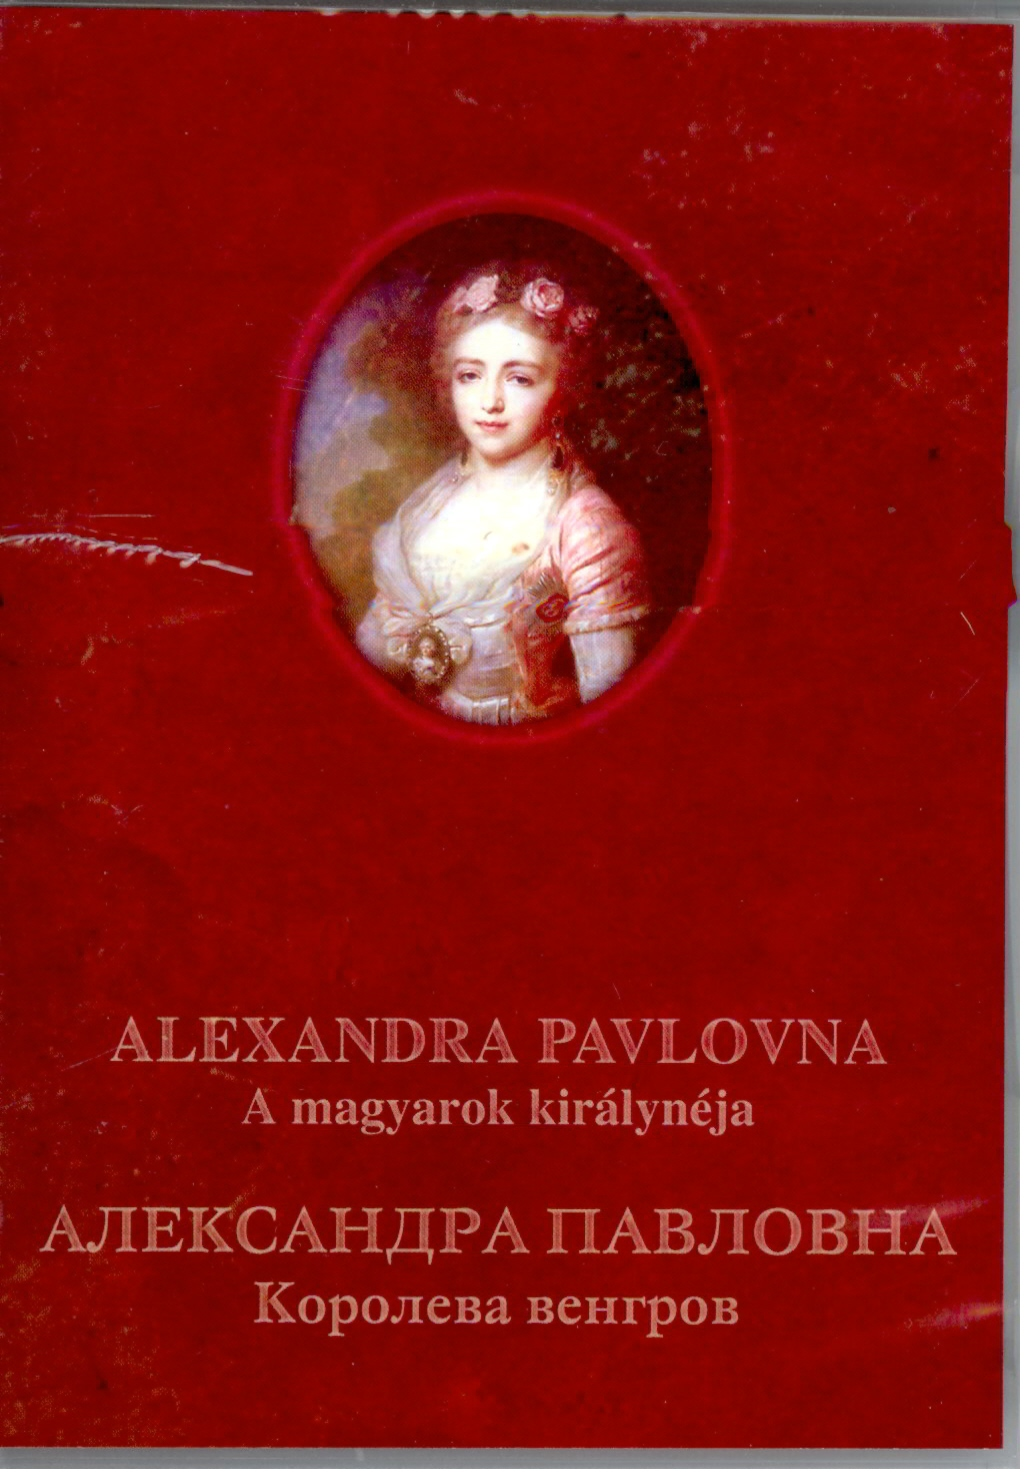 alexandra_pavlovna_dvd_boritoja_1.jpg